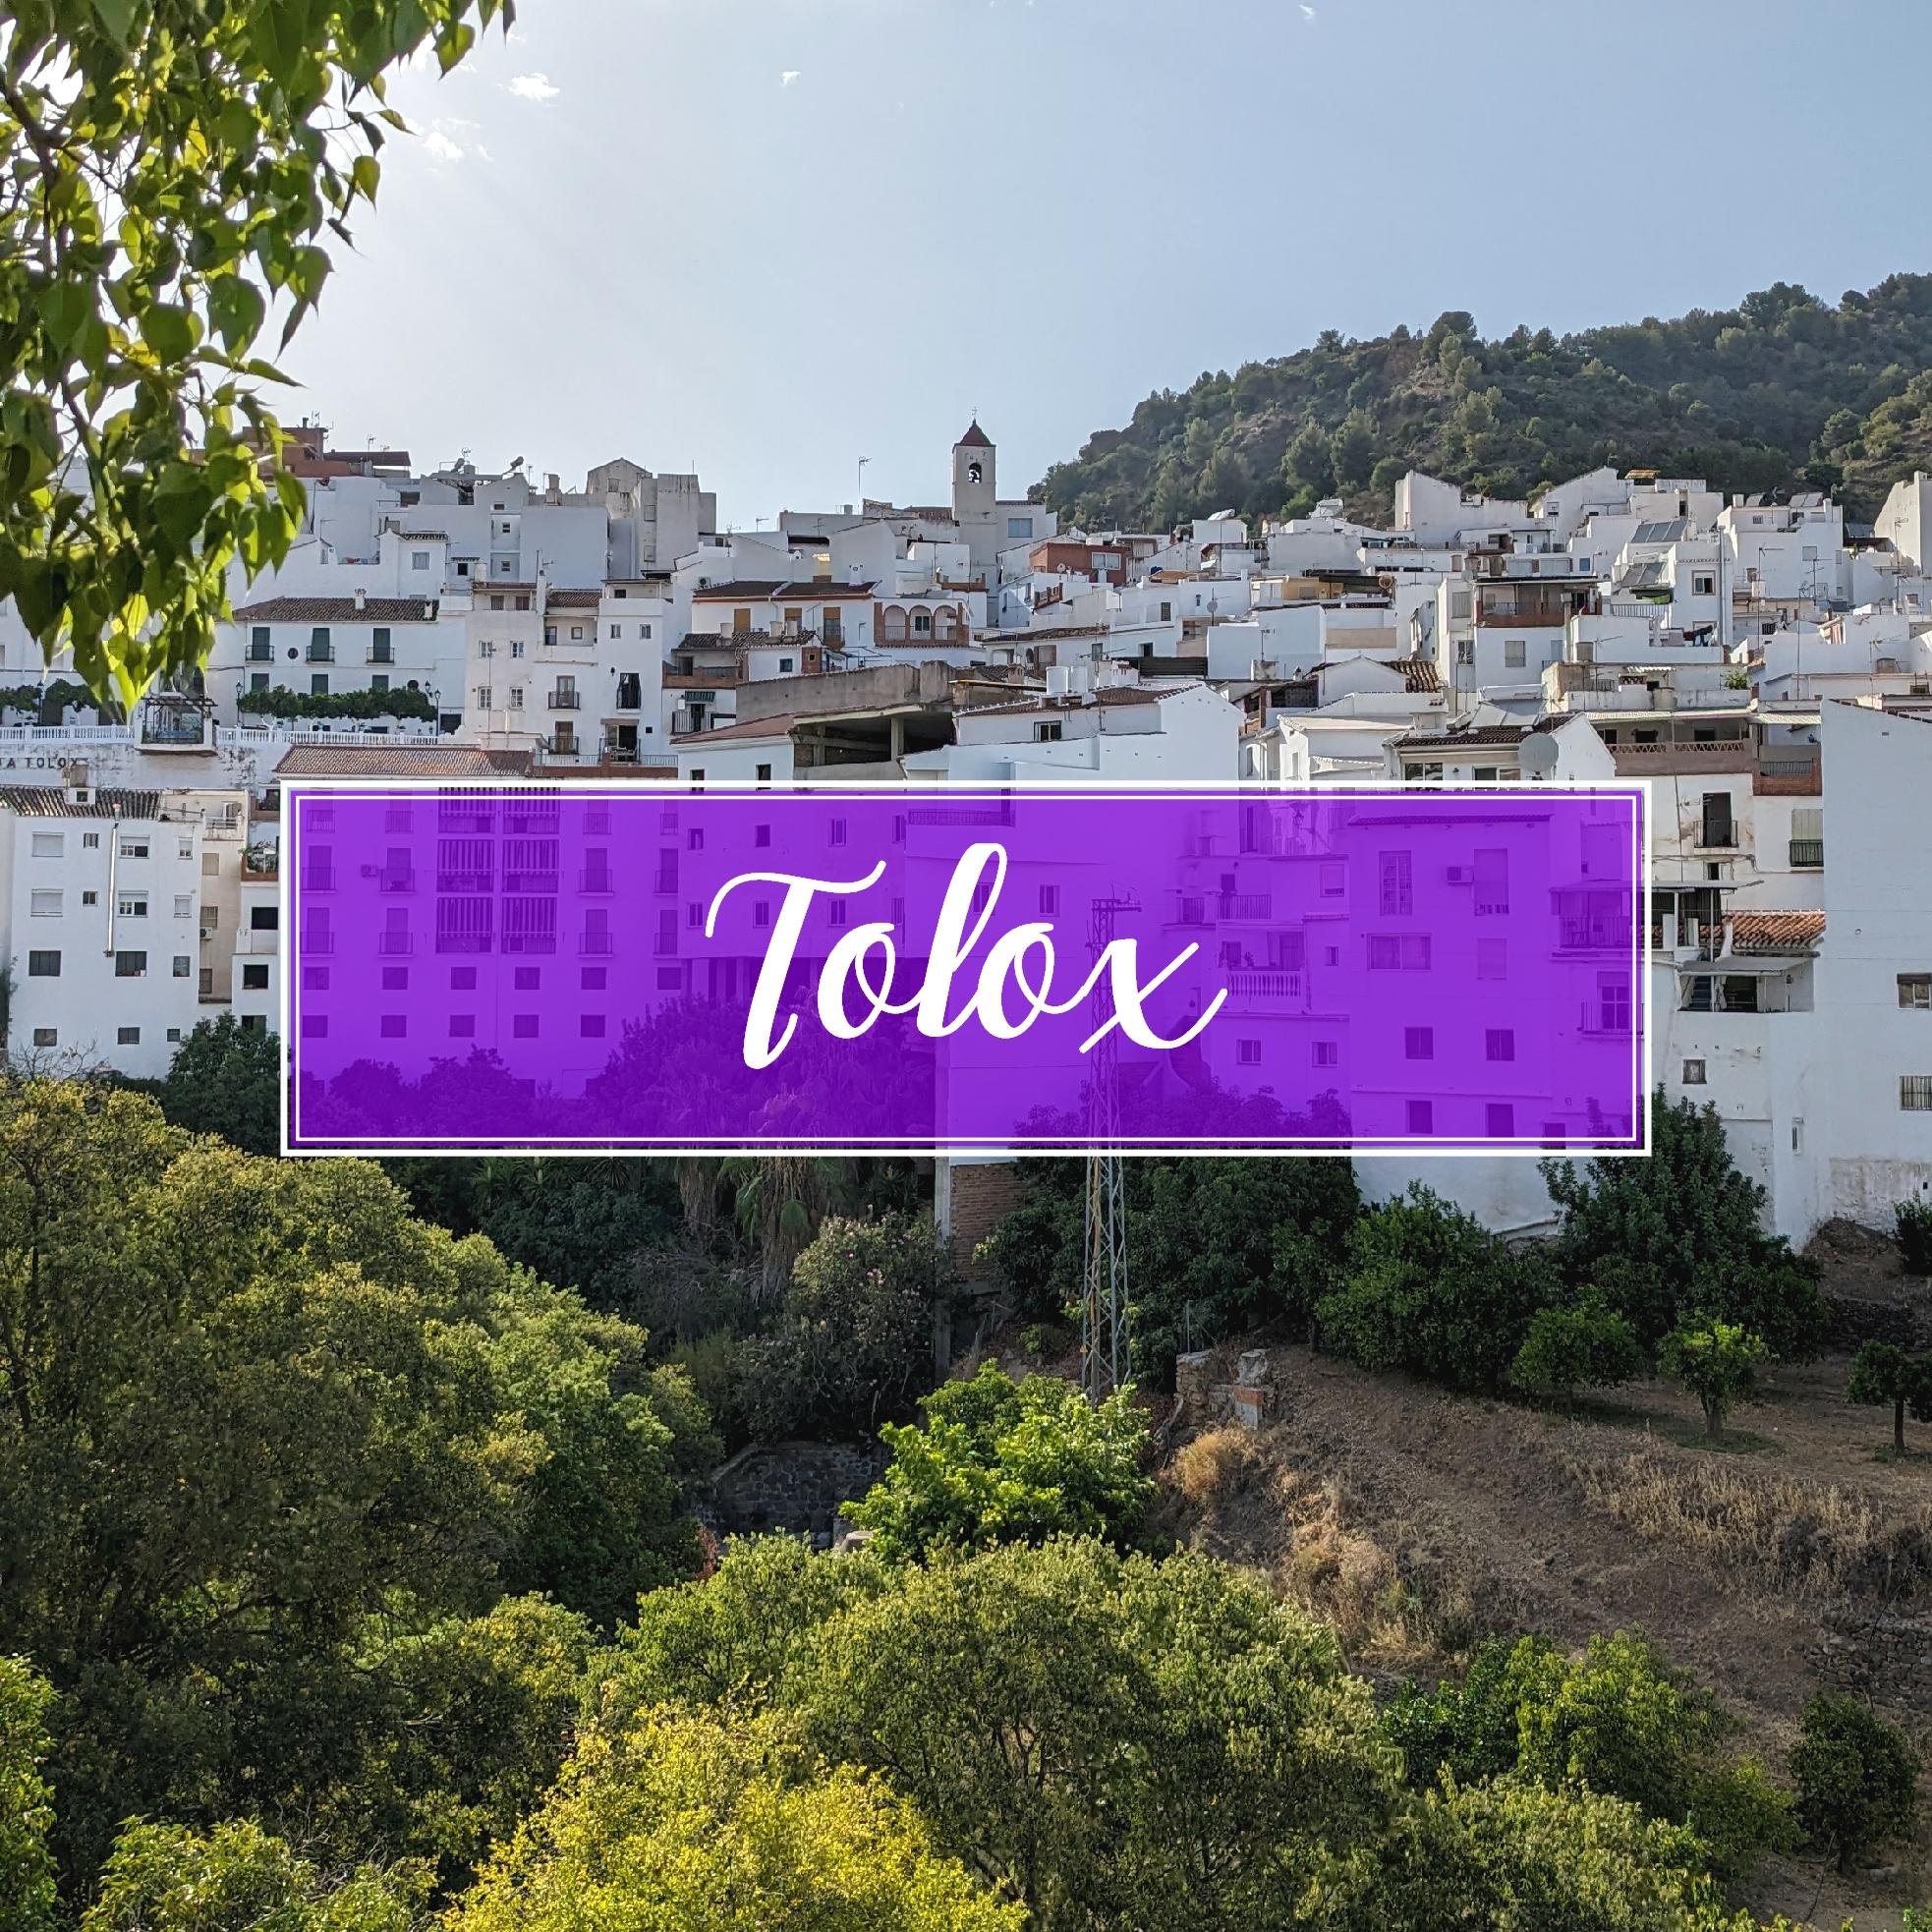 Tolox Pueblo Malaga